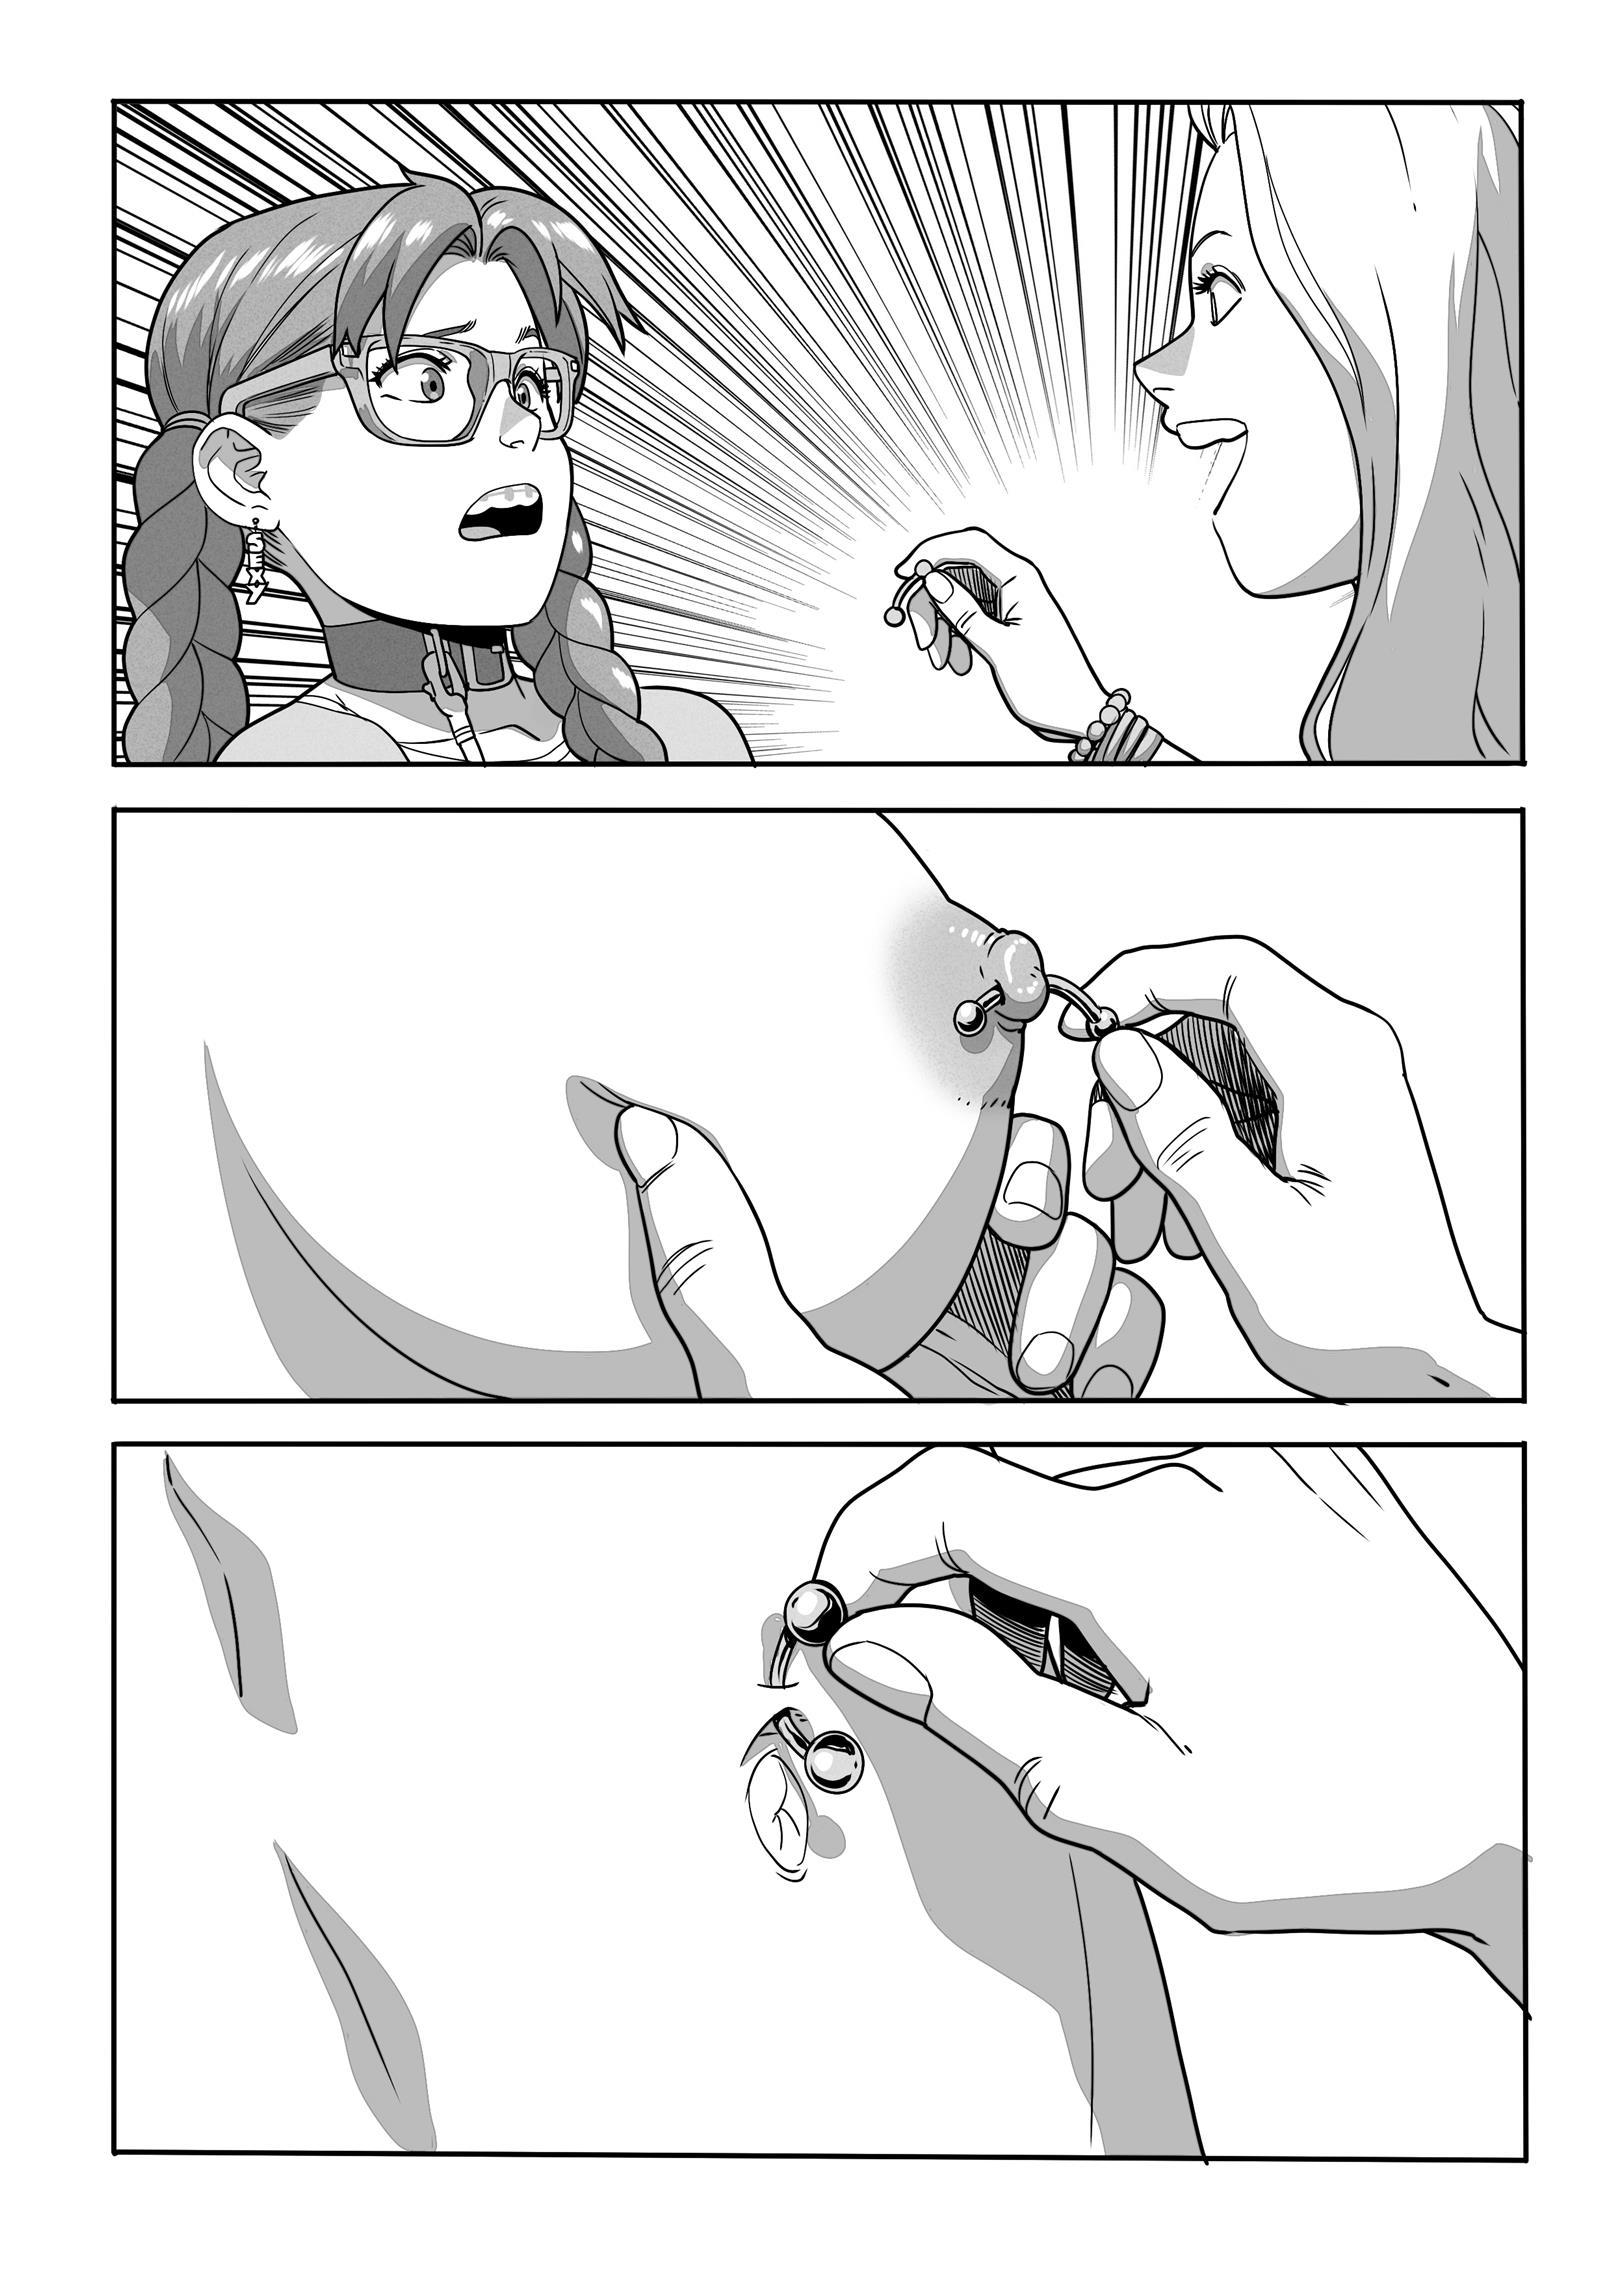 Tekuho- NILF